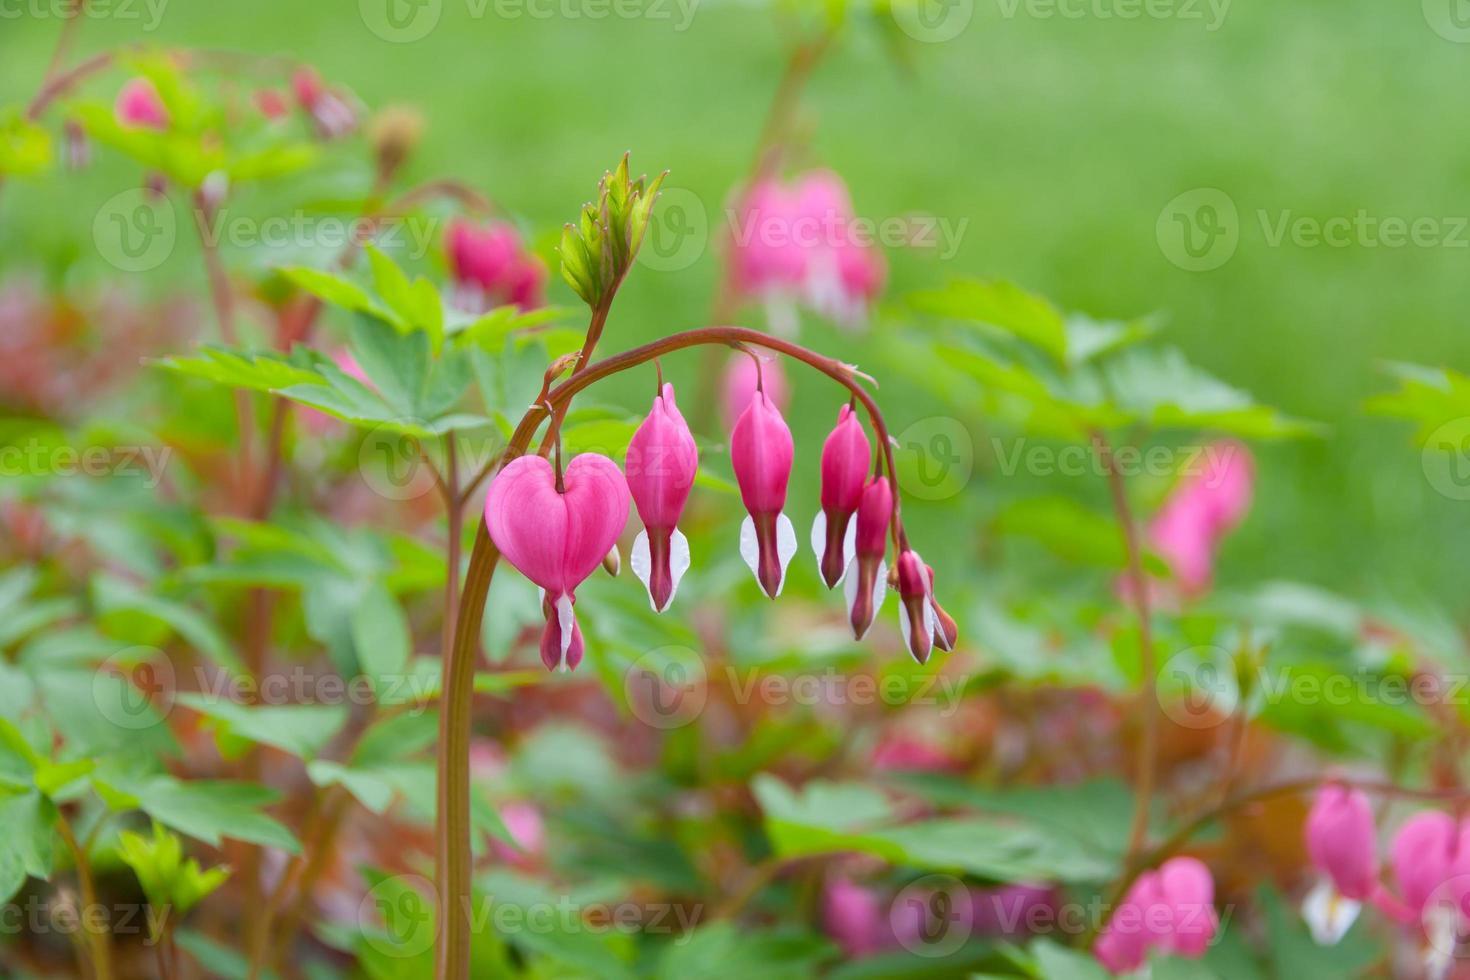 Bleeding heart flowers  in spring garden. photo